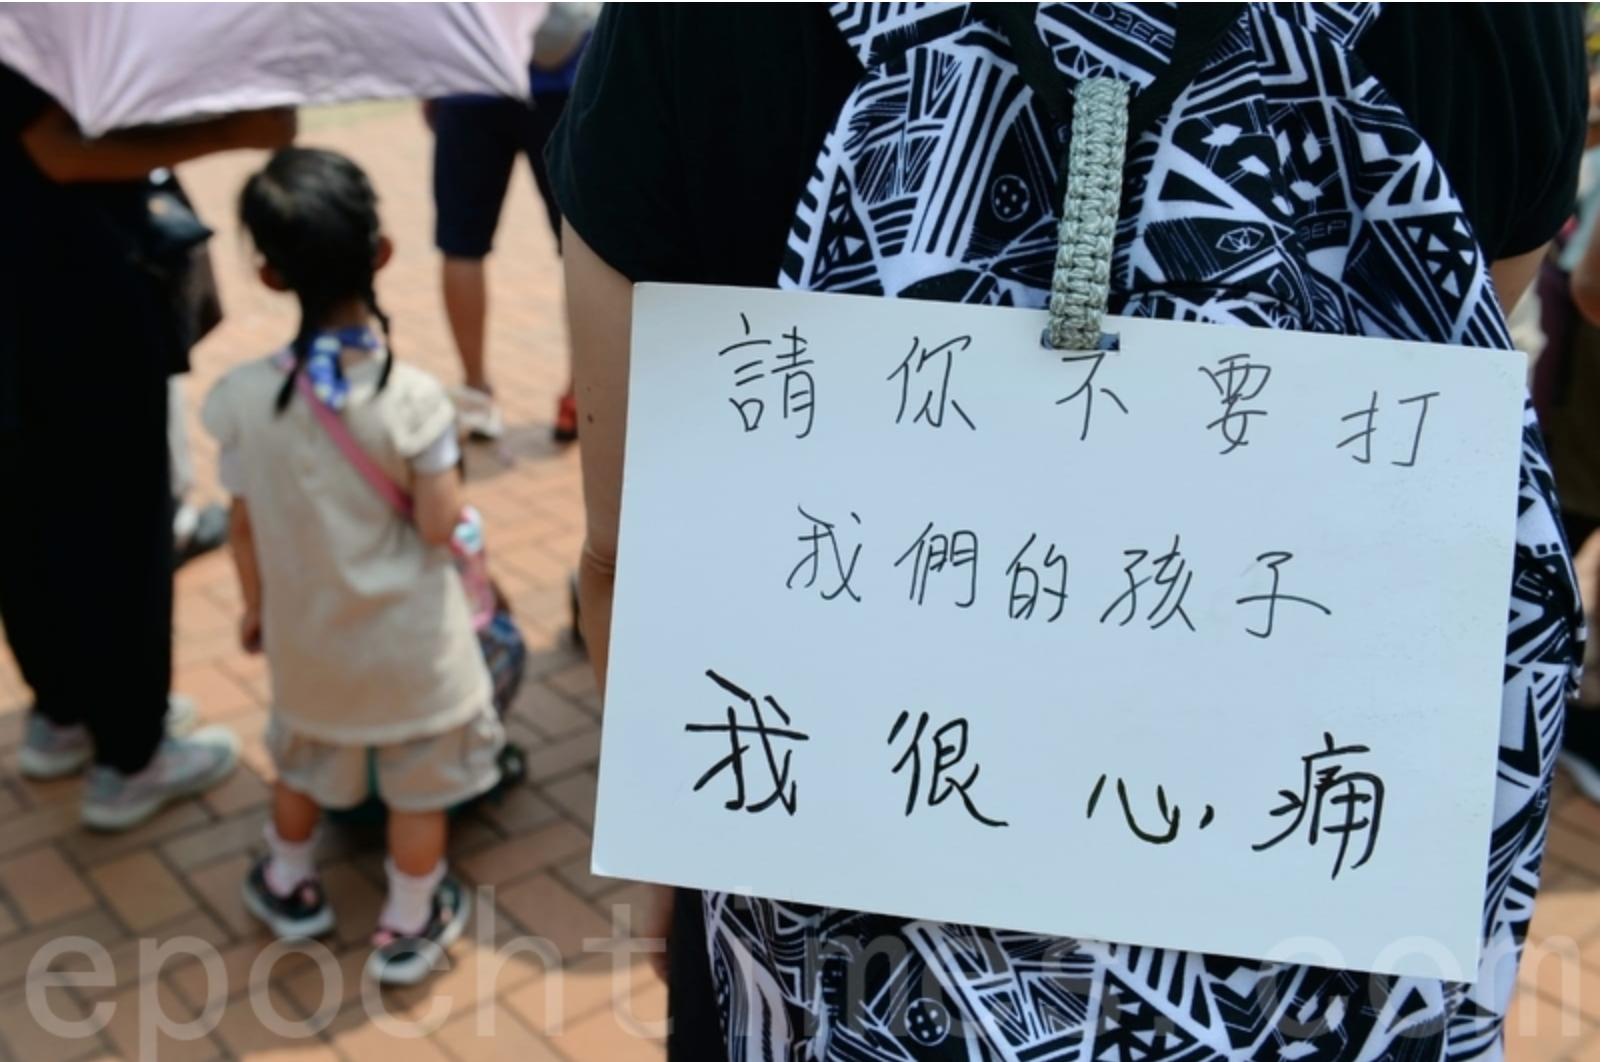 2019年8月10日,中環愛丁堡廣場「守護孩子未來」親子集會,民眾將標語掛在後背包上。(宋碧龍/大紀元)(宋碧龍/大紀元)